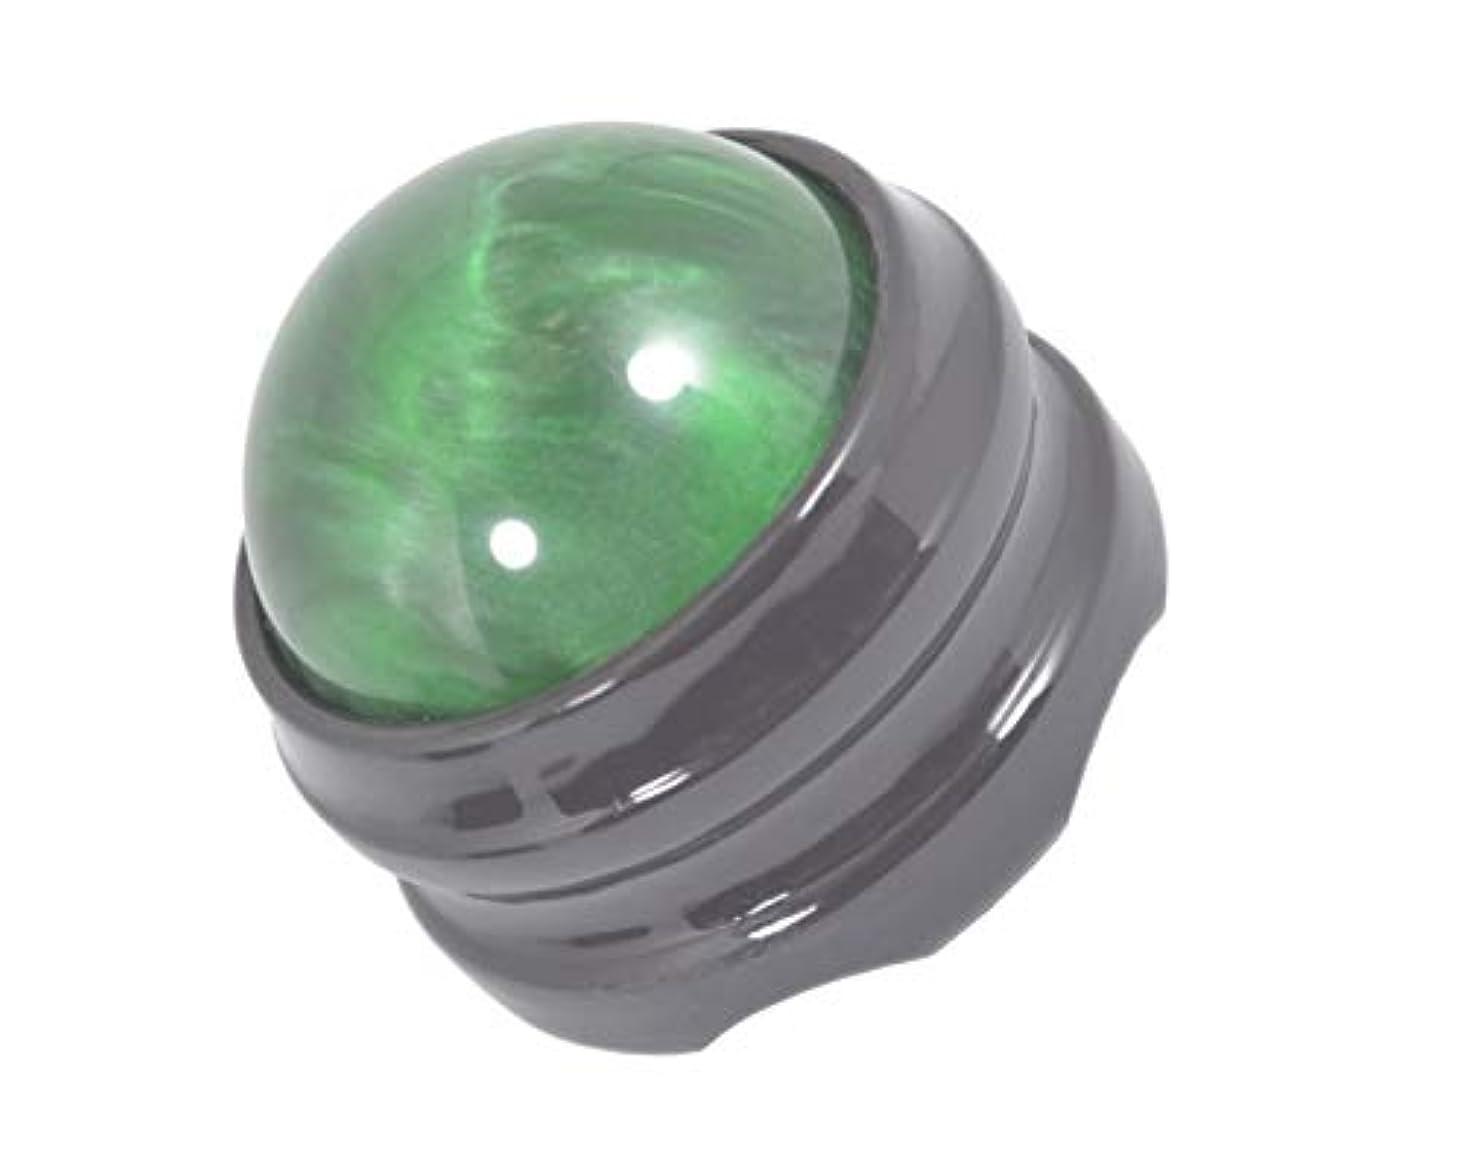 拡張値回転痛快 マッサージボール 健康 ツボ押し ボール (グリーン)